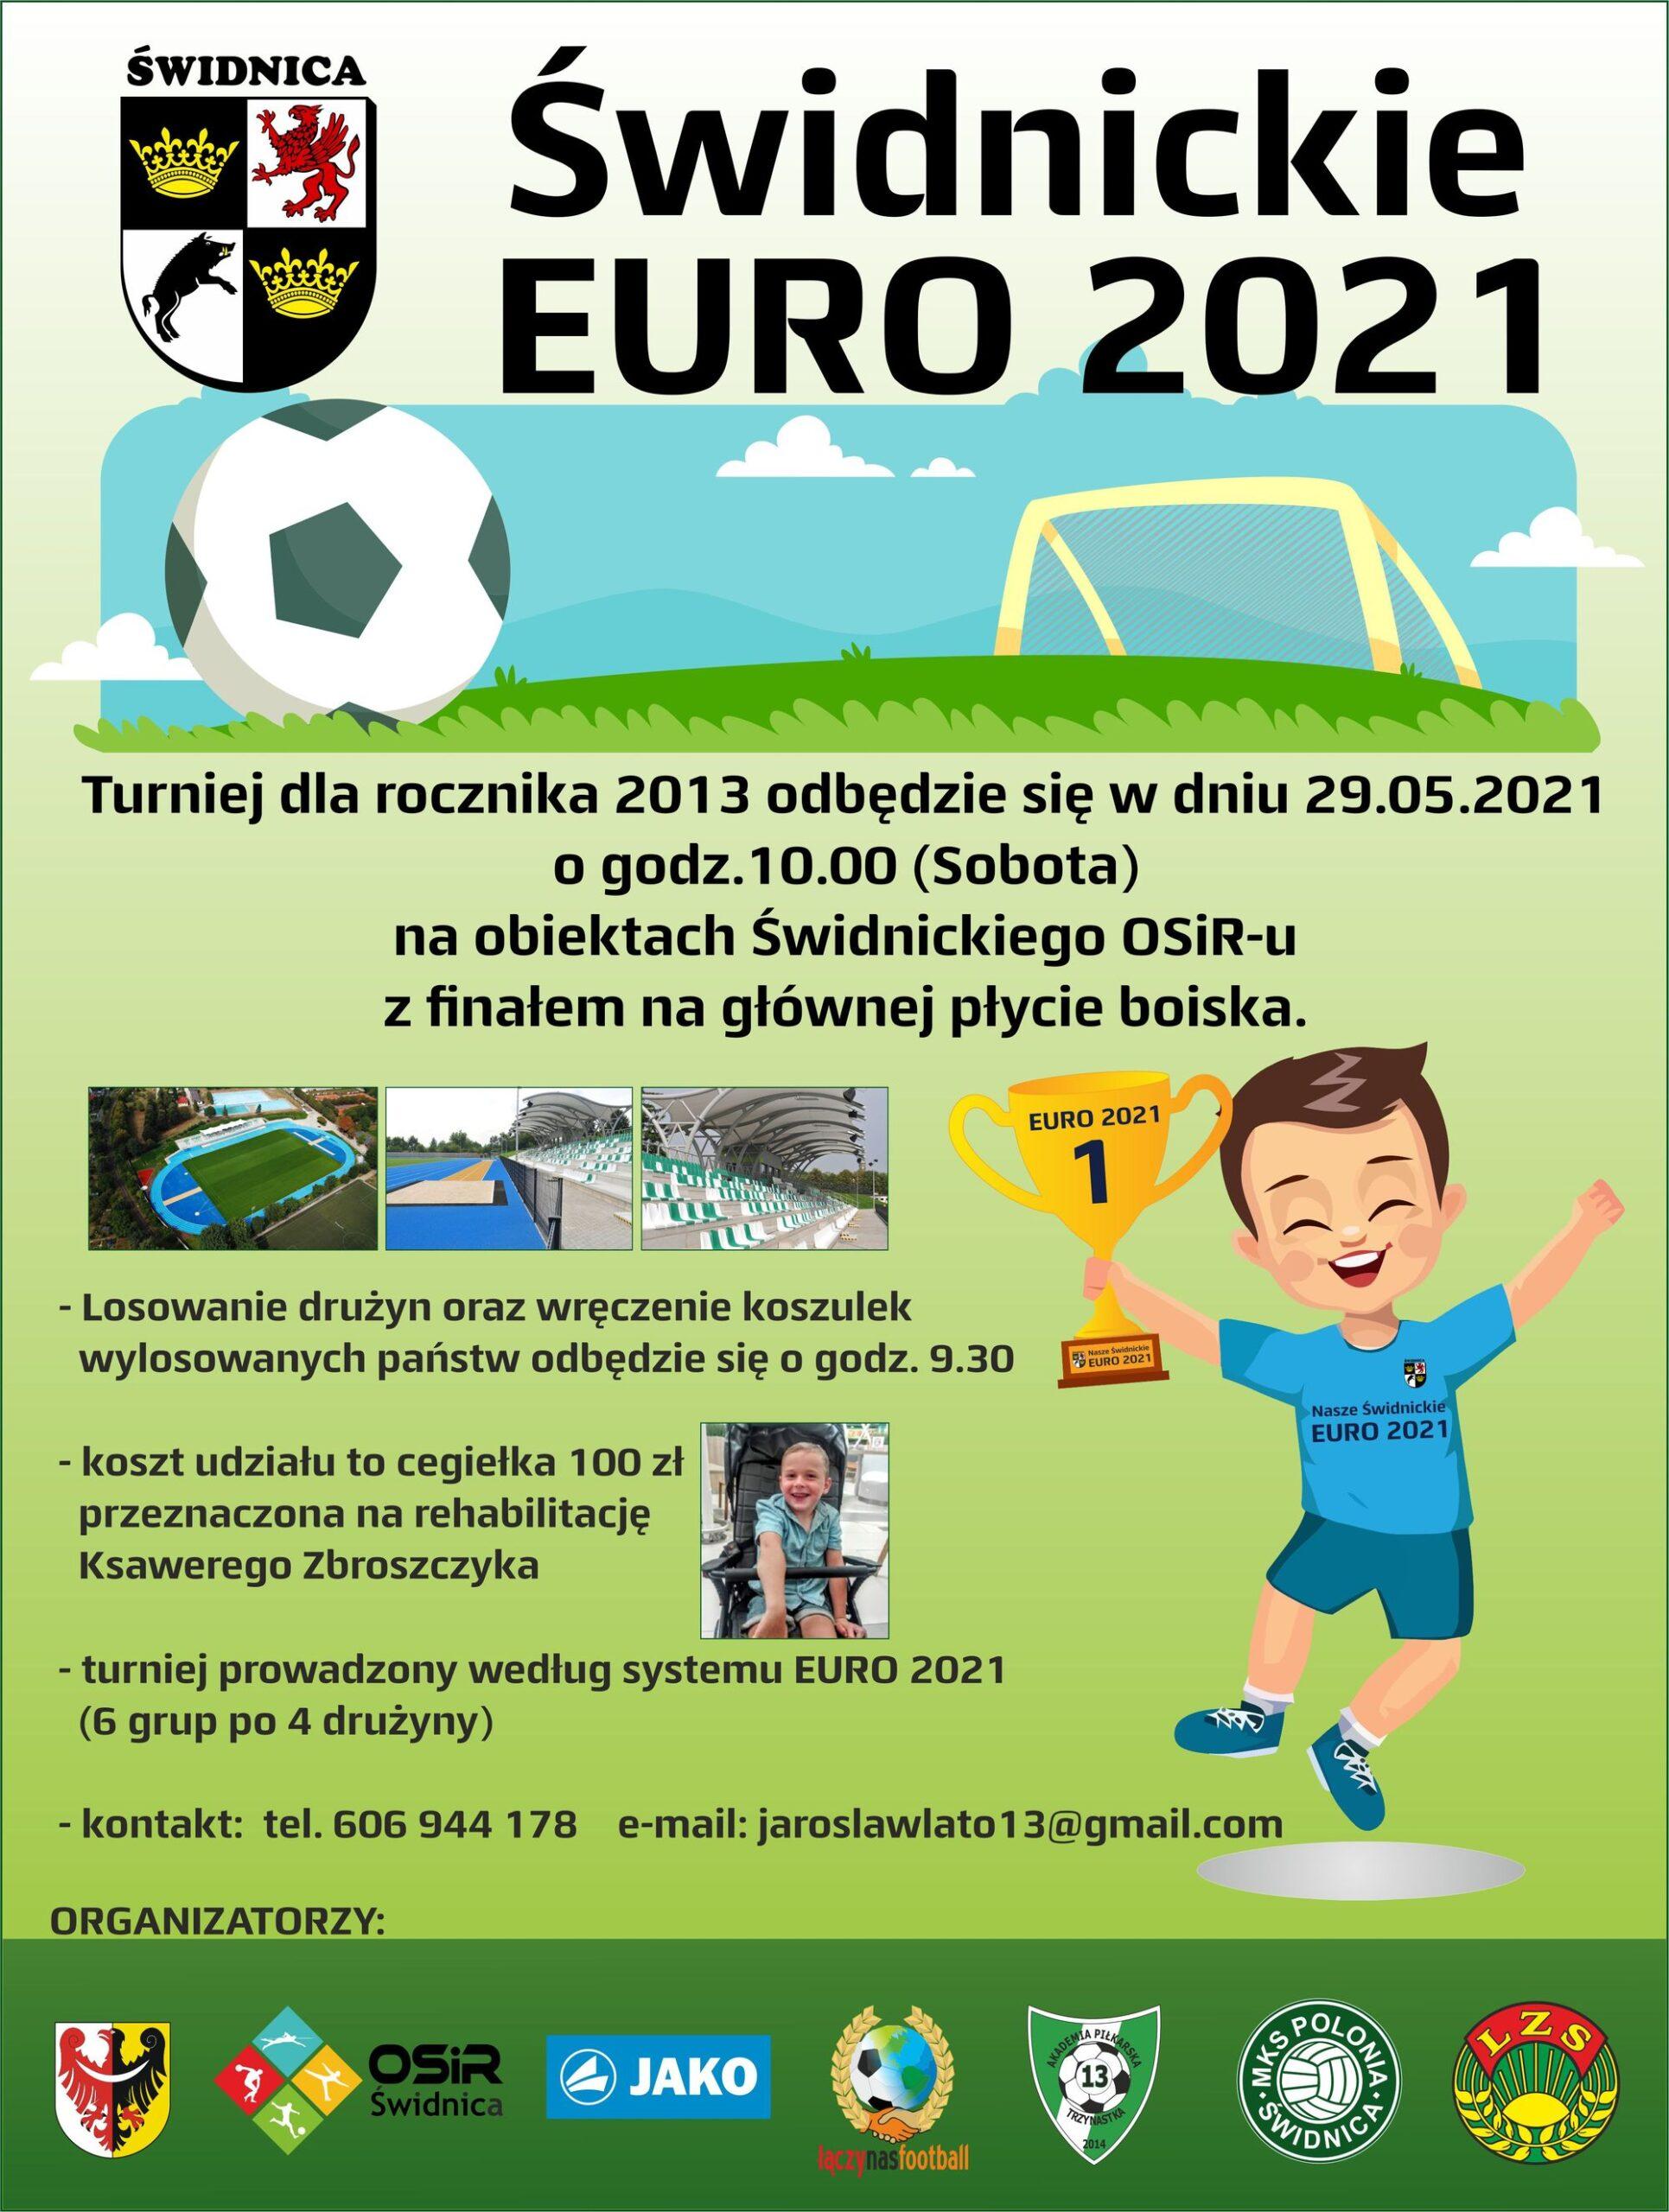 plakat turniej świdnickie euro 2021